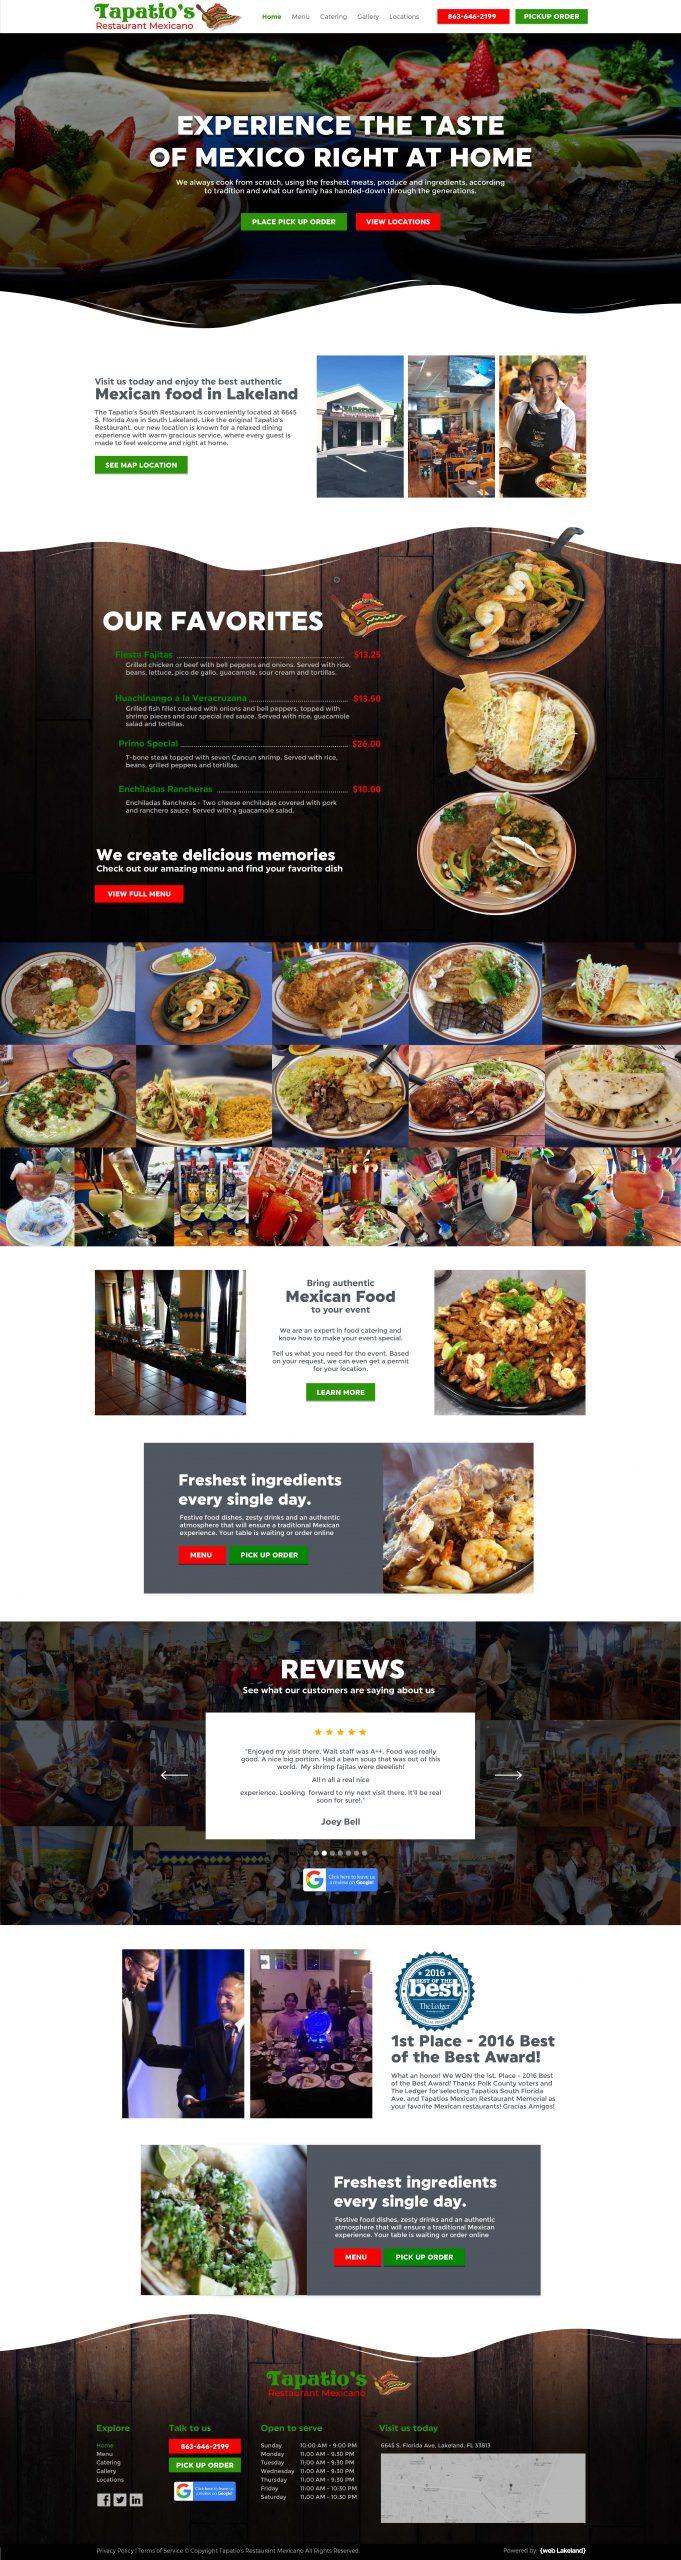 Website redesign for Restaurant